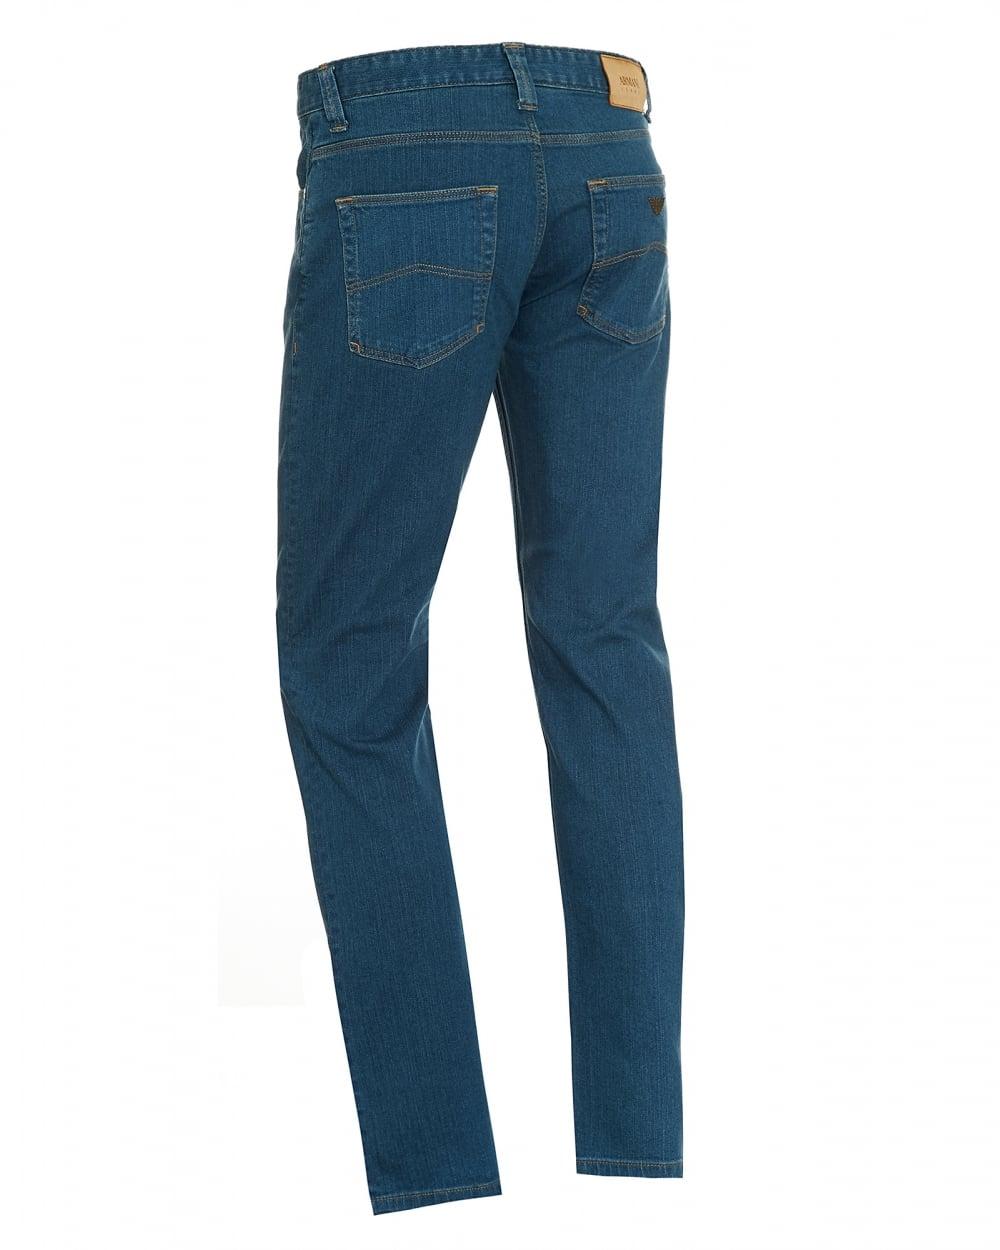 armani collezioni mens jeans indigo blue yellow stitched denim